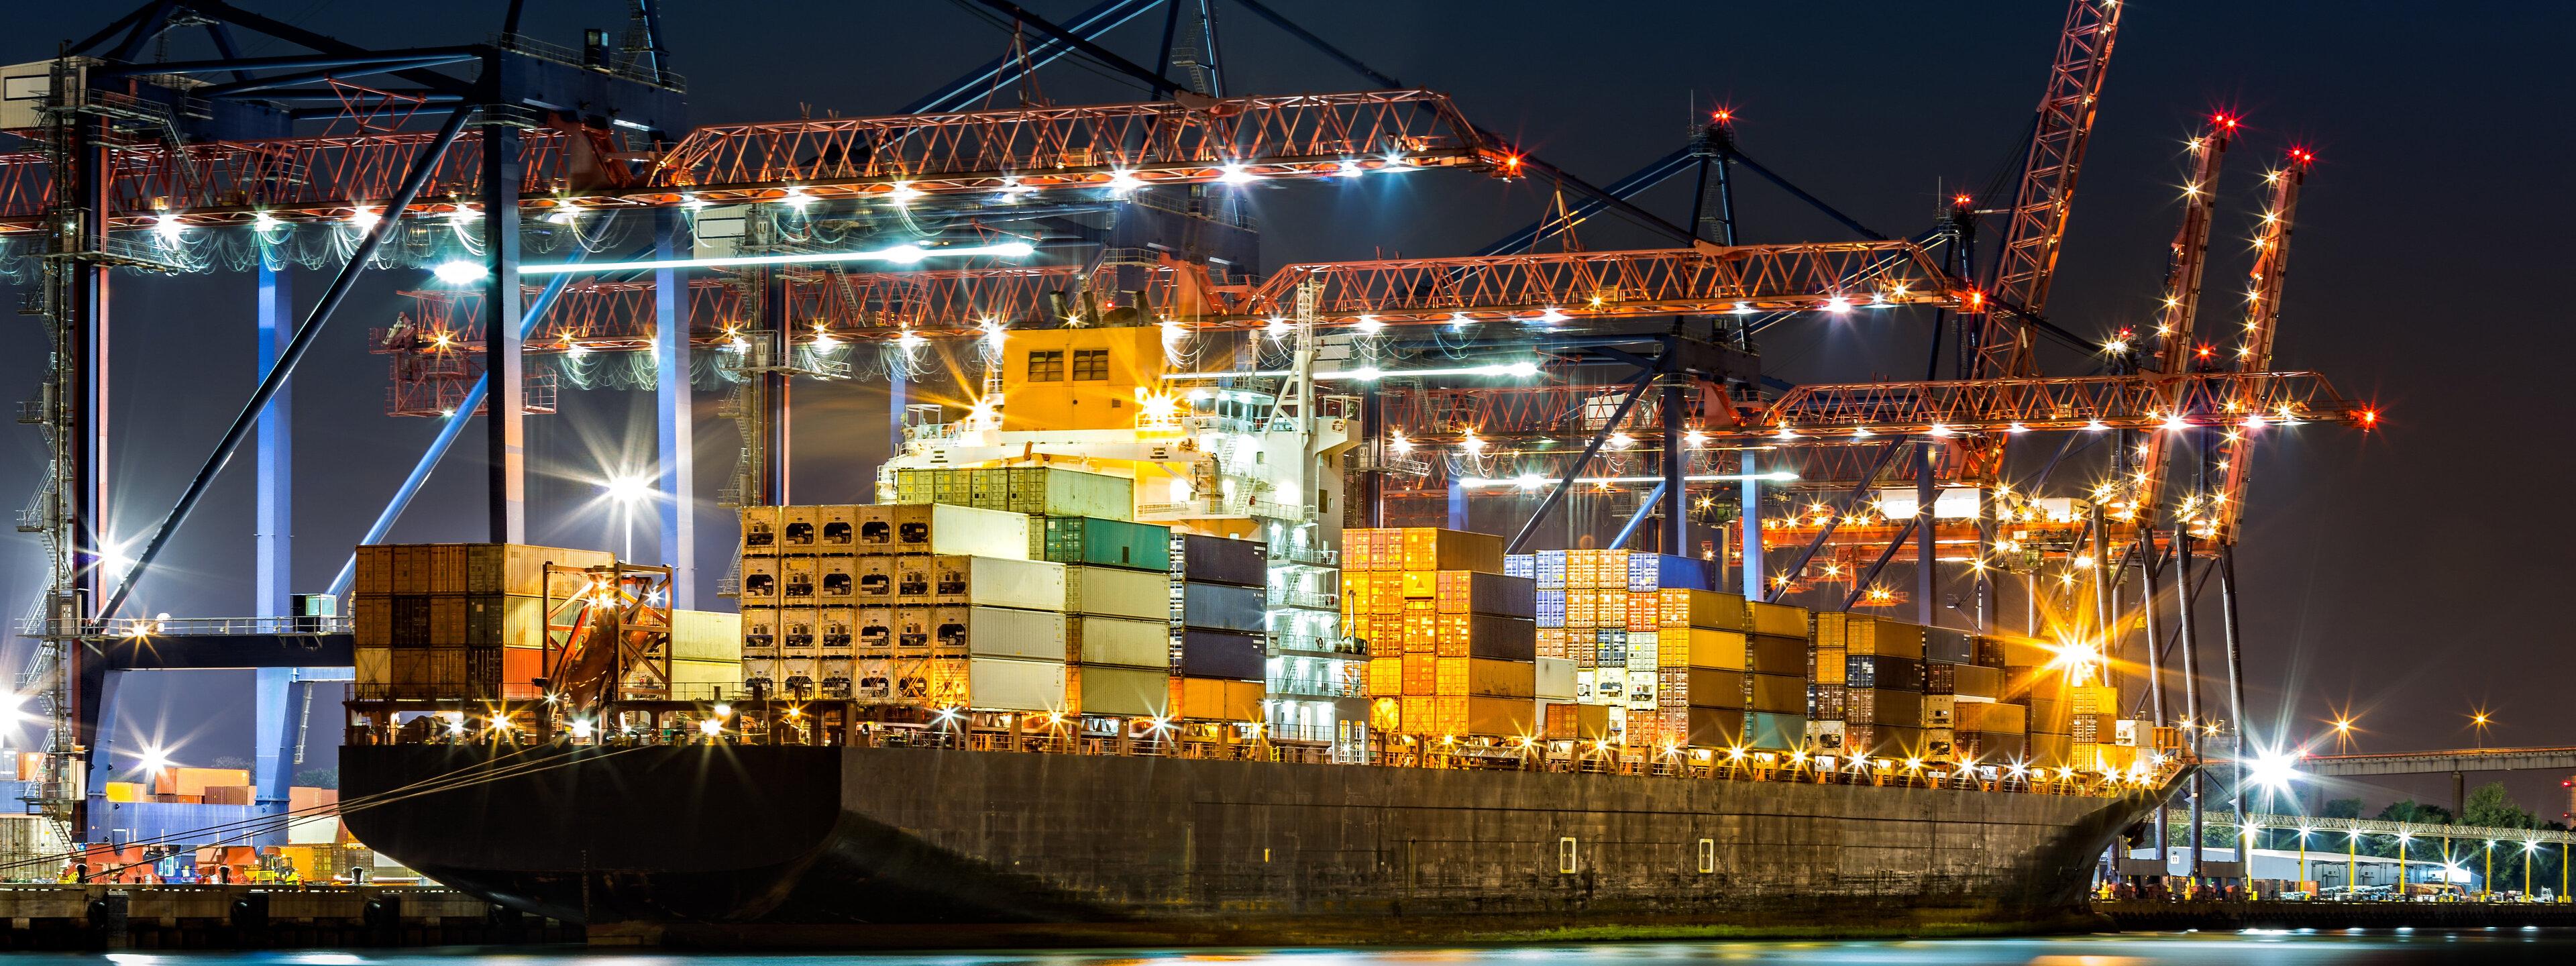 Containerschip bij nacht